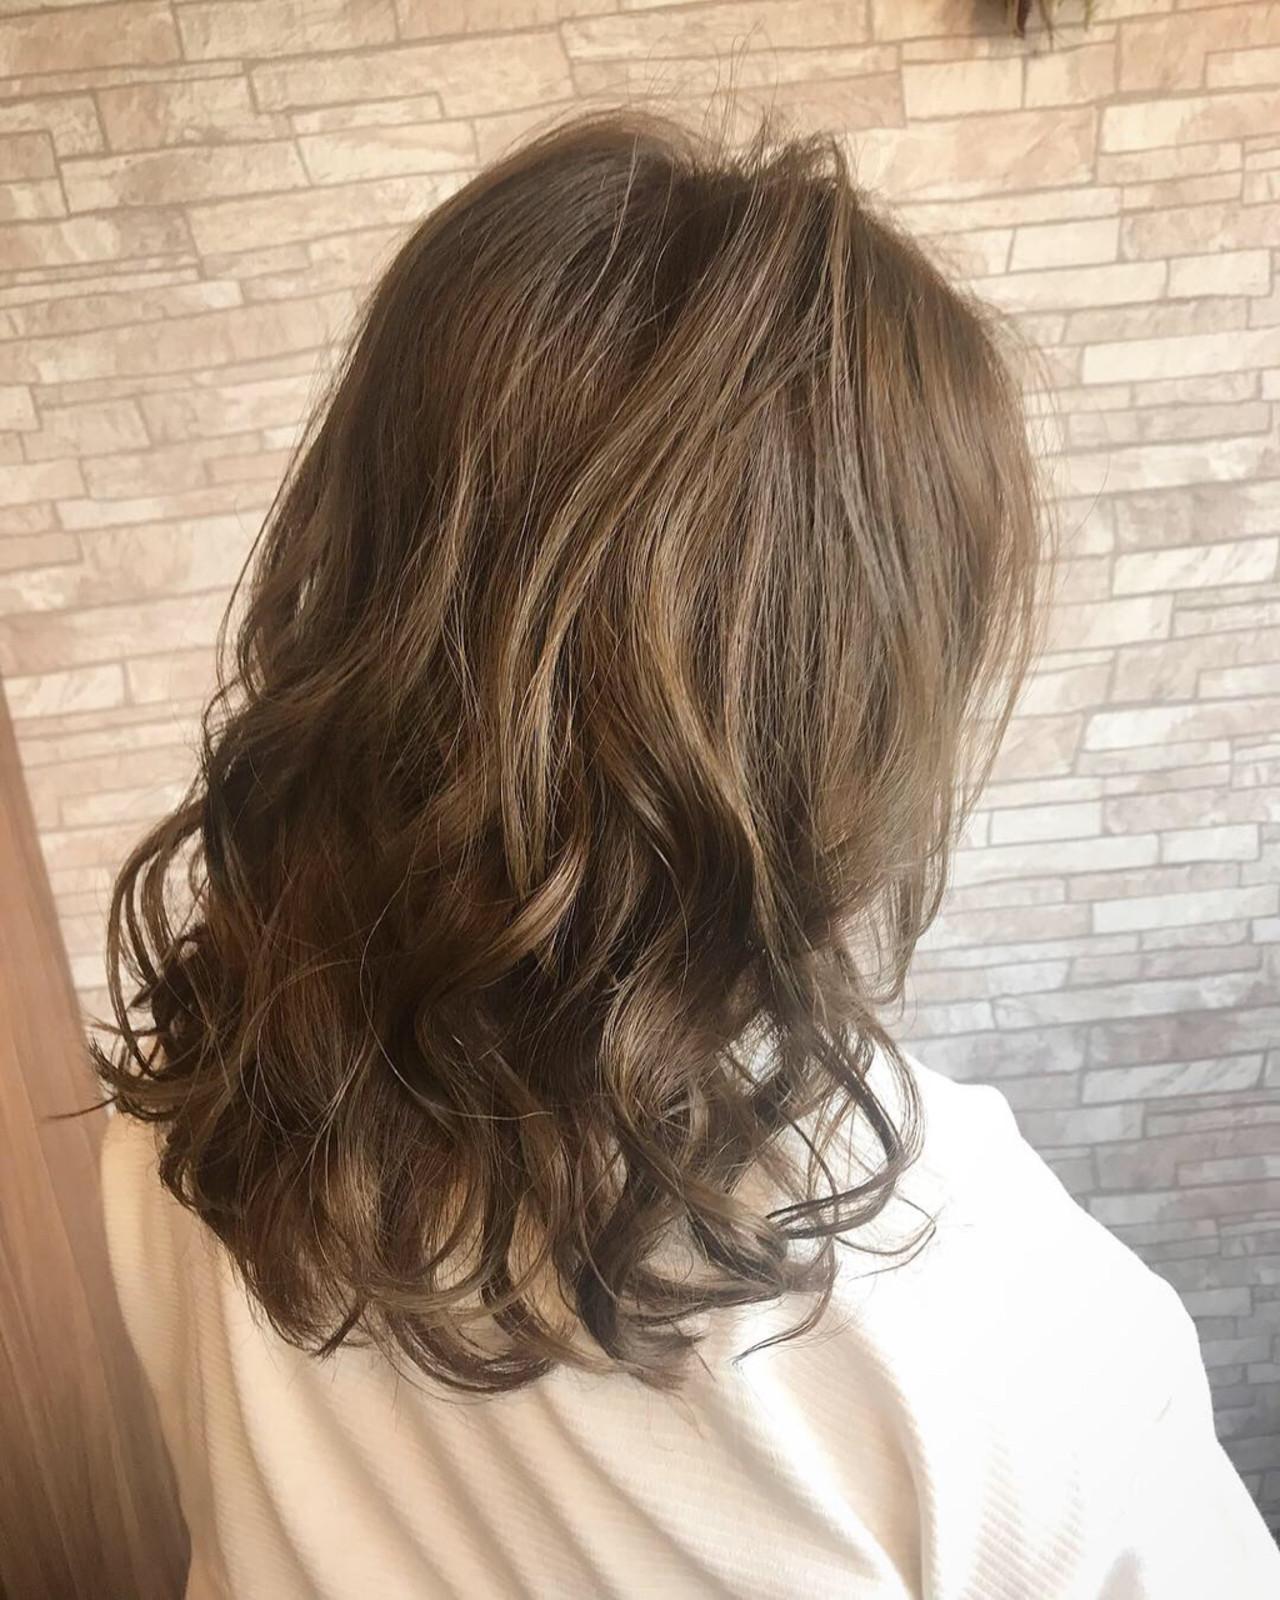 セミロング ウェーブ ゆるふわ 外国人風 ヘアスタイルや髪型の写真・画像 | Rina / HairxCafe KUMA